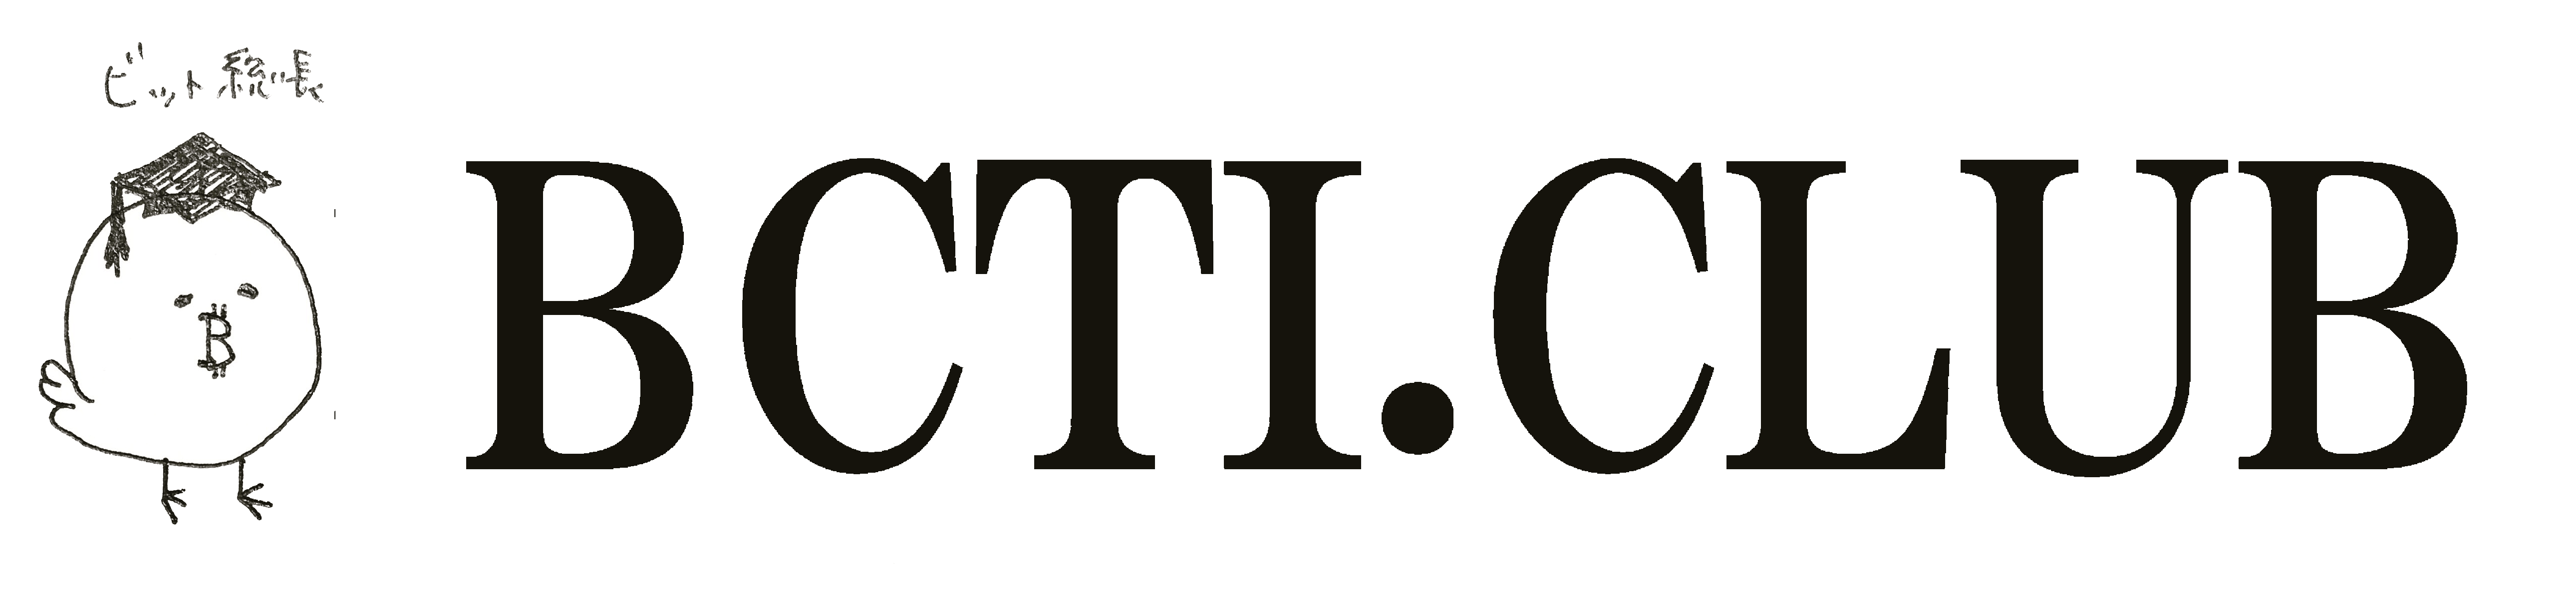 ビットコイン最新投資実践倶楽部 〜権利収入構築サポート